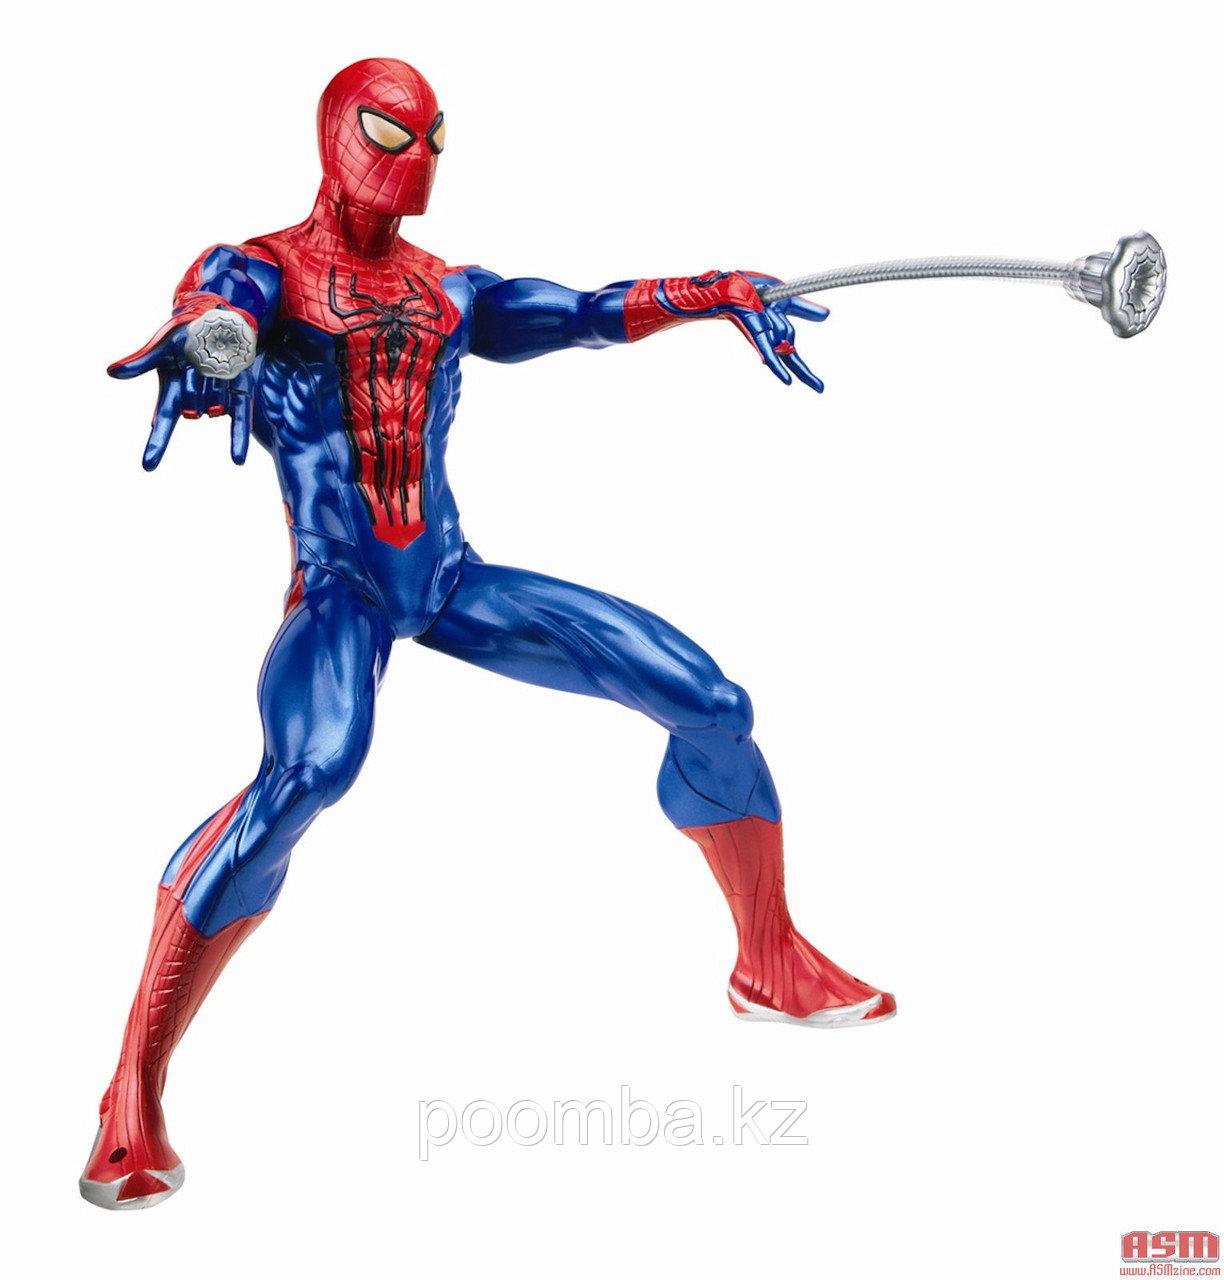 SPIDER-MAN. Фигурка, стреляющая паутиной